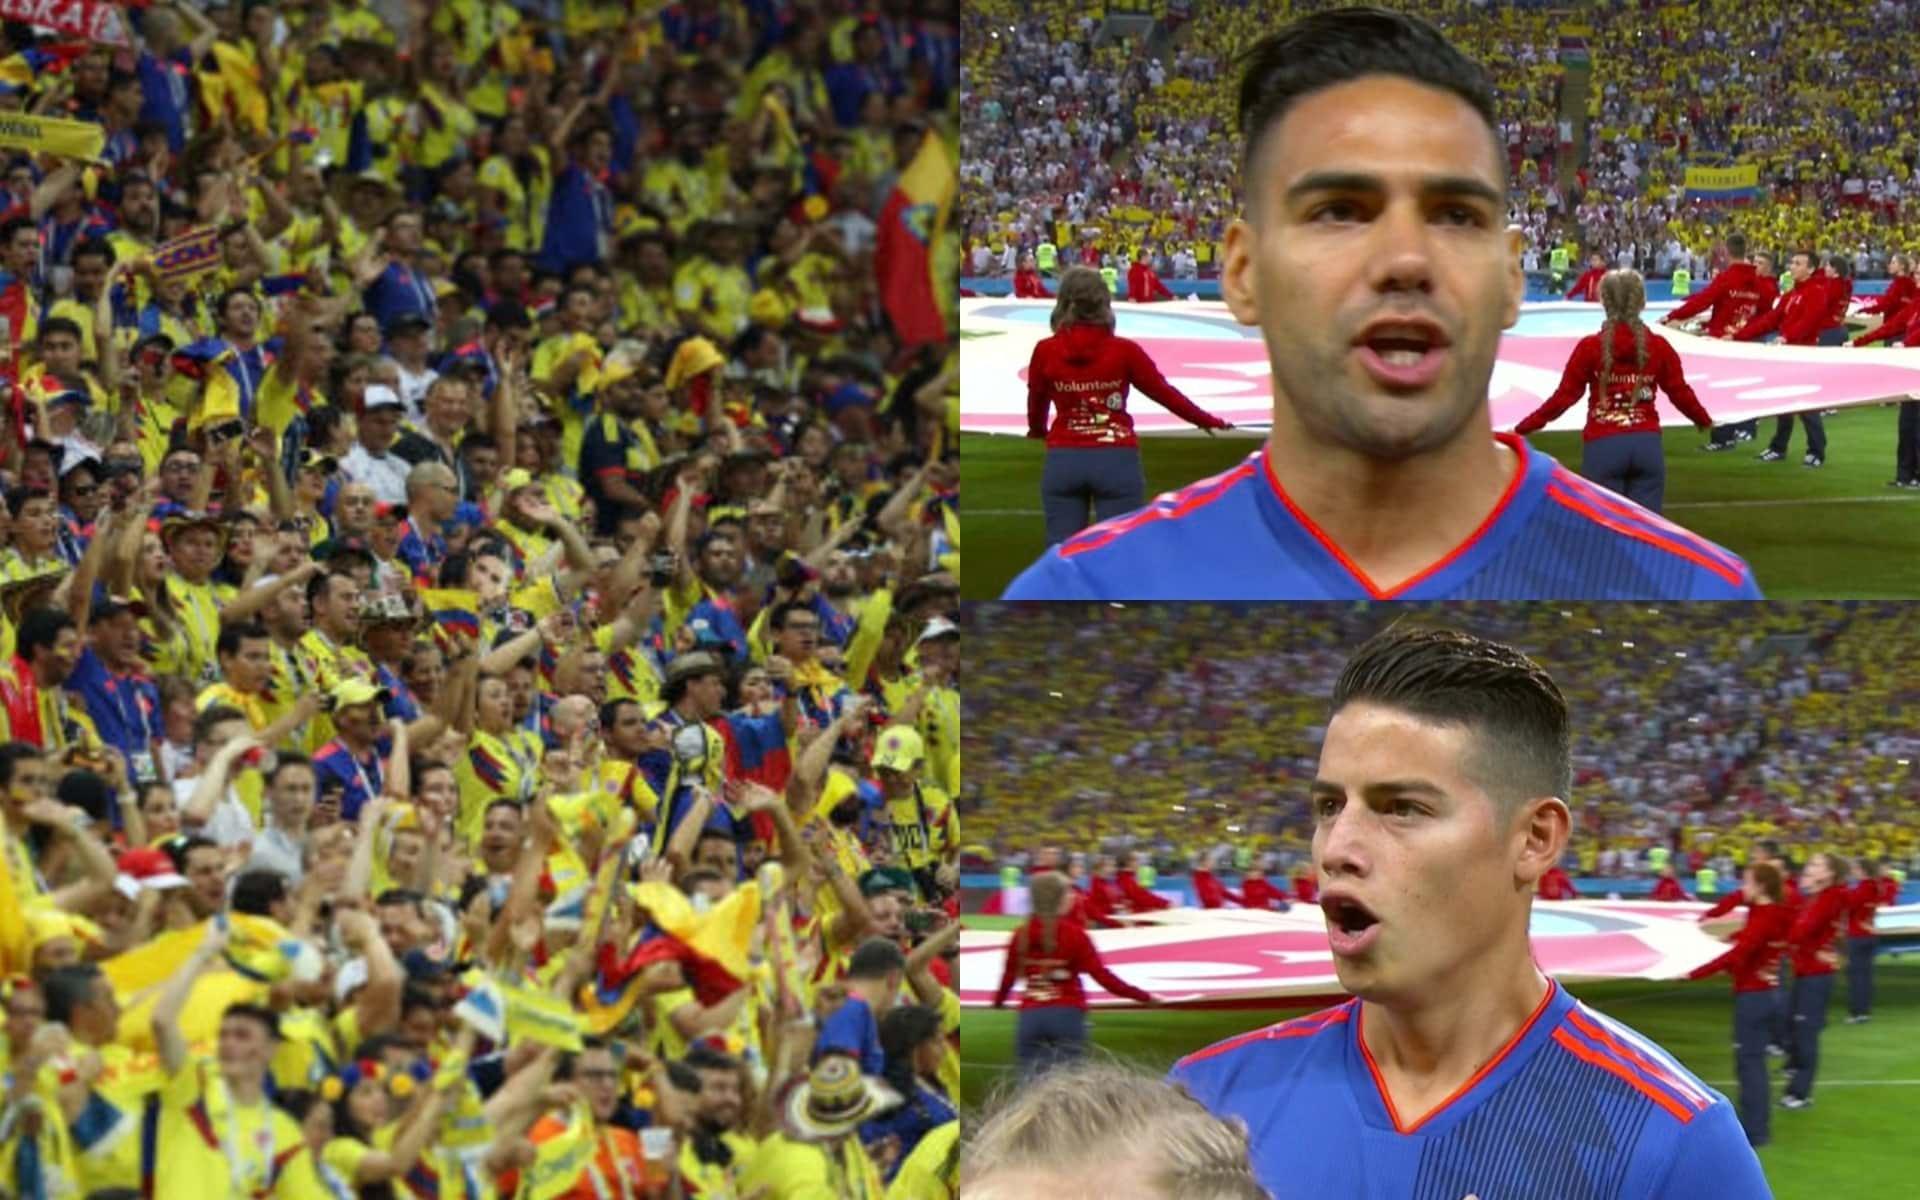 Video: Himno de Colombia VS Polonia en el Mundial Rusia 2018 en el Kazan Arena